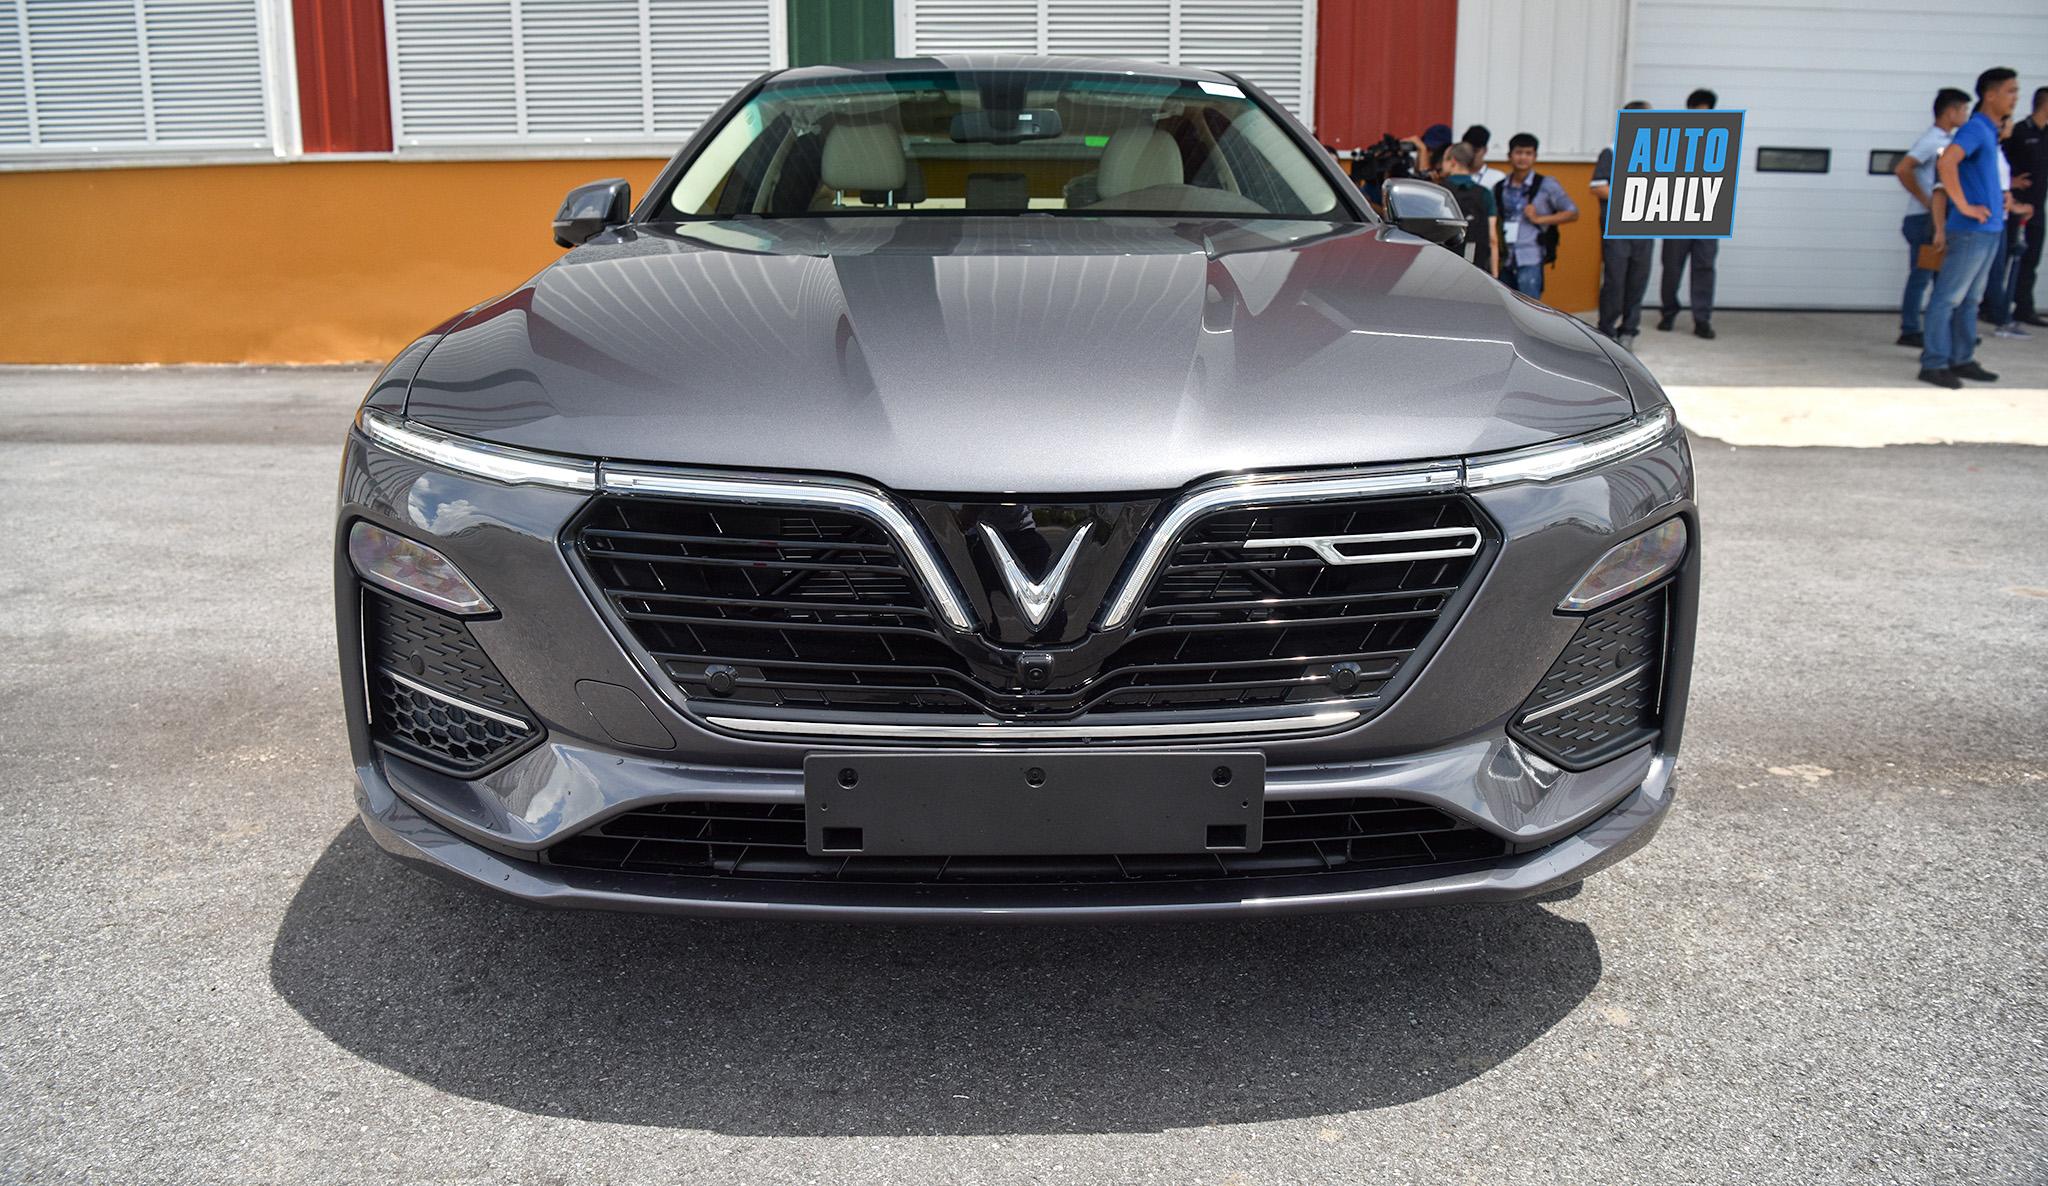 VinFast nhảy vào thị trường xe taxi công nghệ, cạnh tranh với Grab